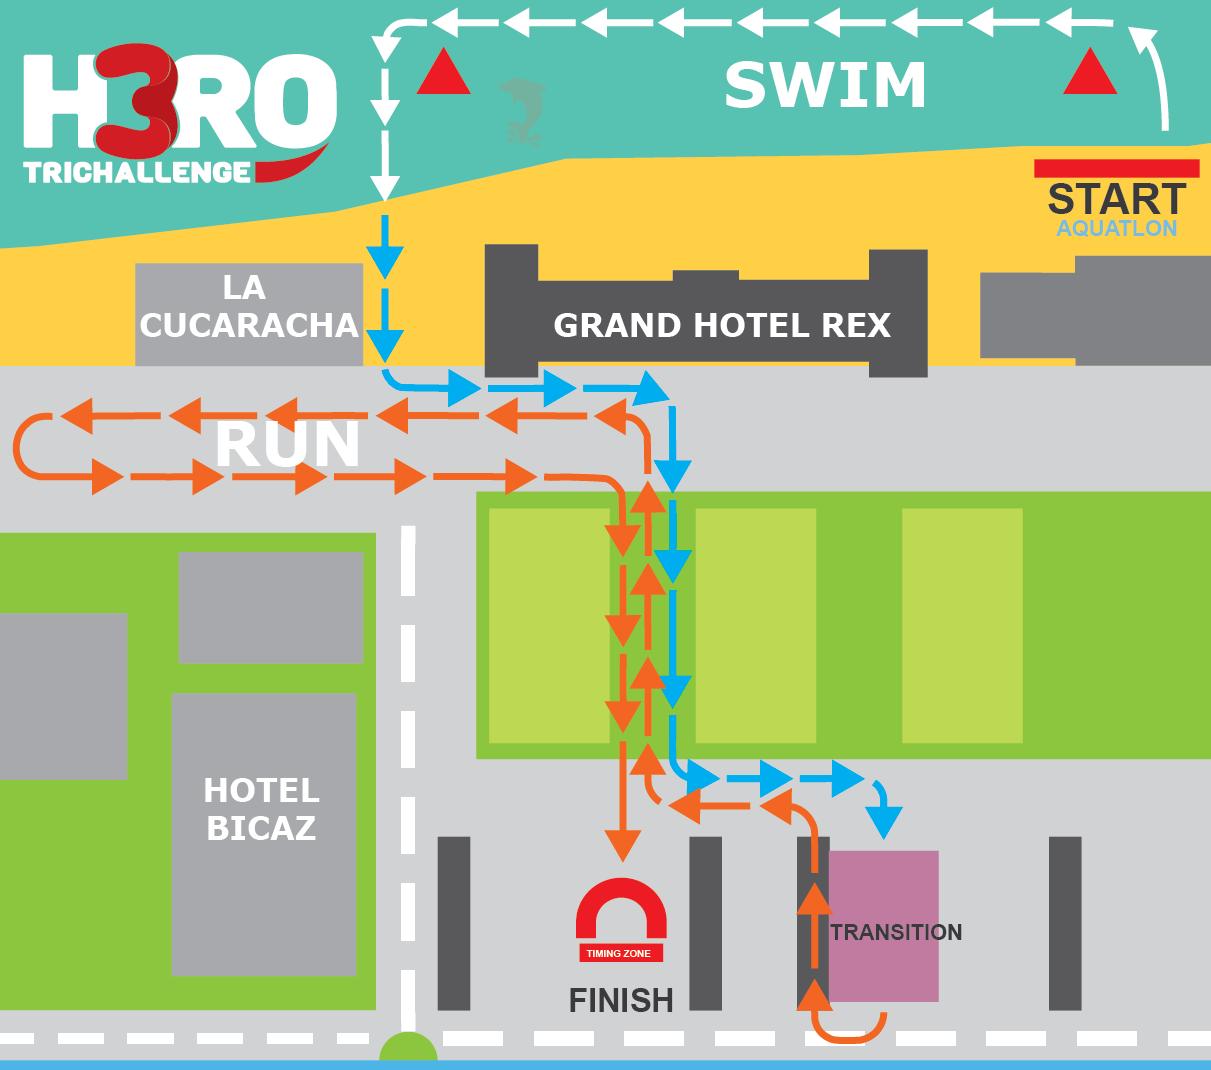 H3RO by TriChallenge 2019 - hartă concurs aquatlon